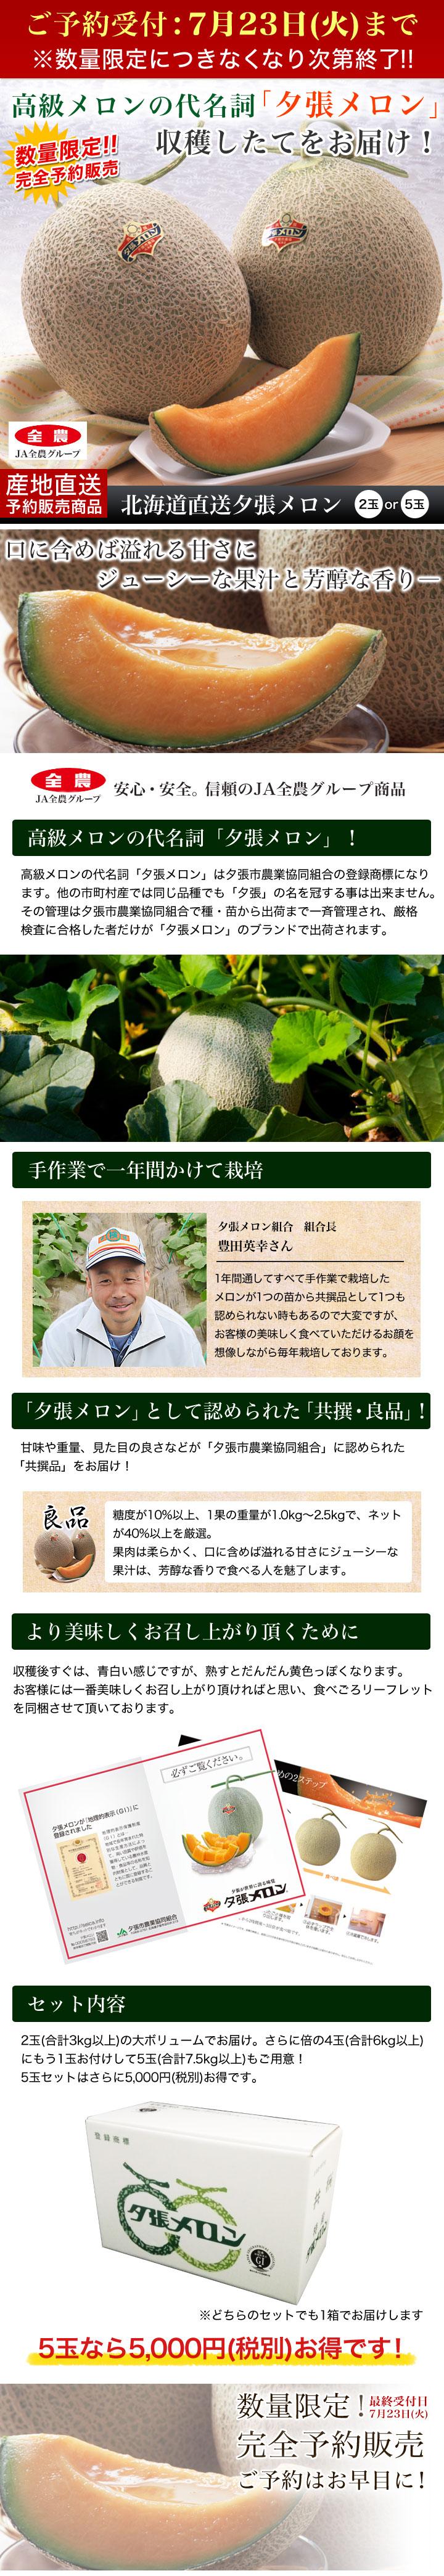 商品名:産地直送販売商品「北海道直送夕張メロン」2玉(3kg)/5玉(7.5kg)